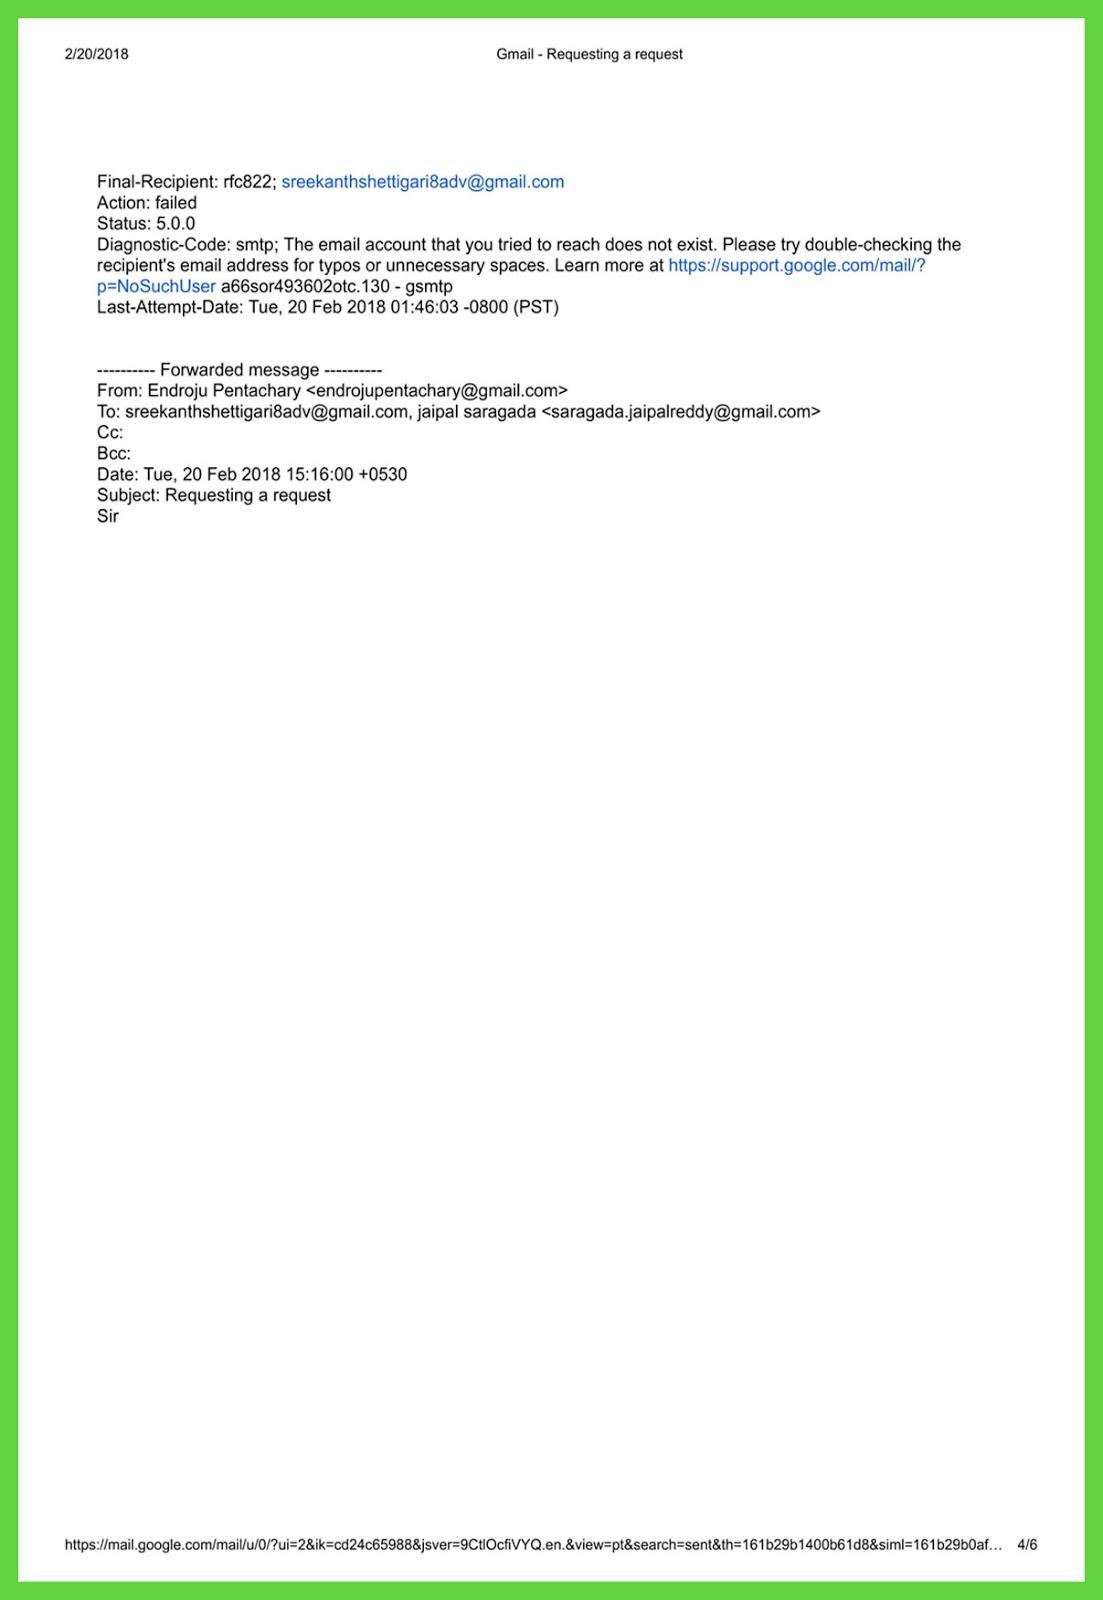 Gmail - Requesting a request-4